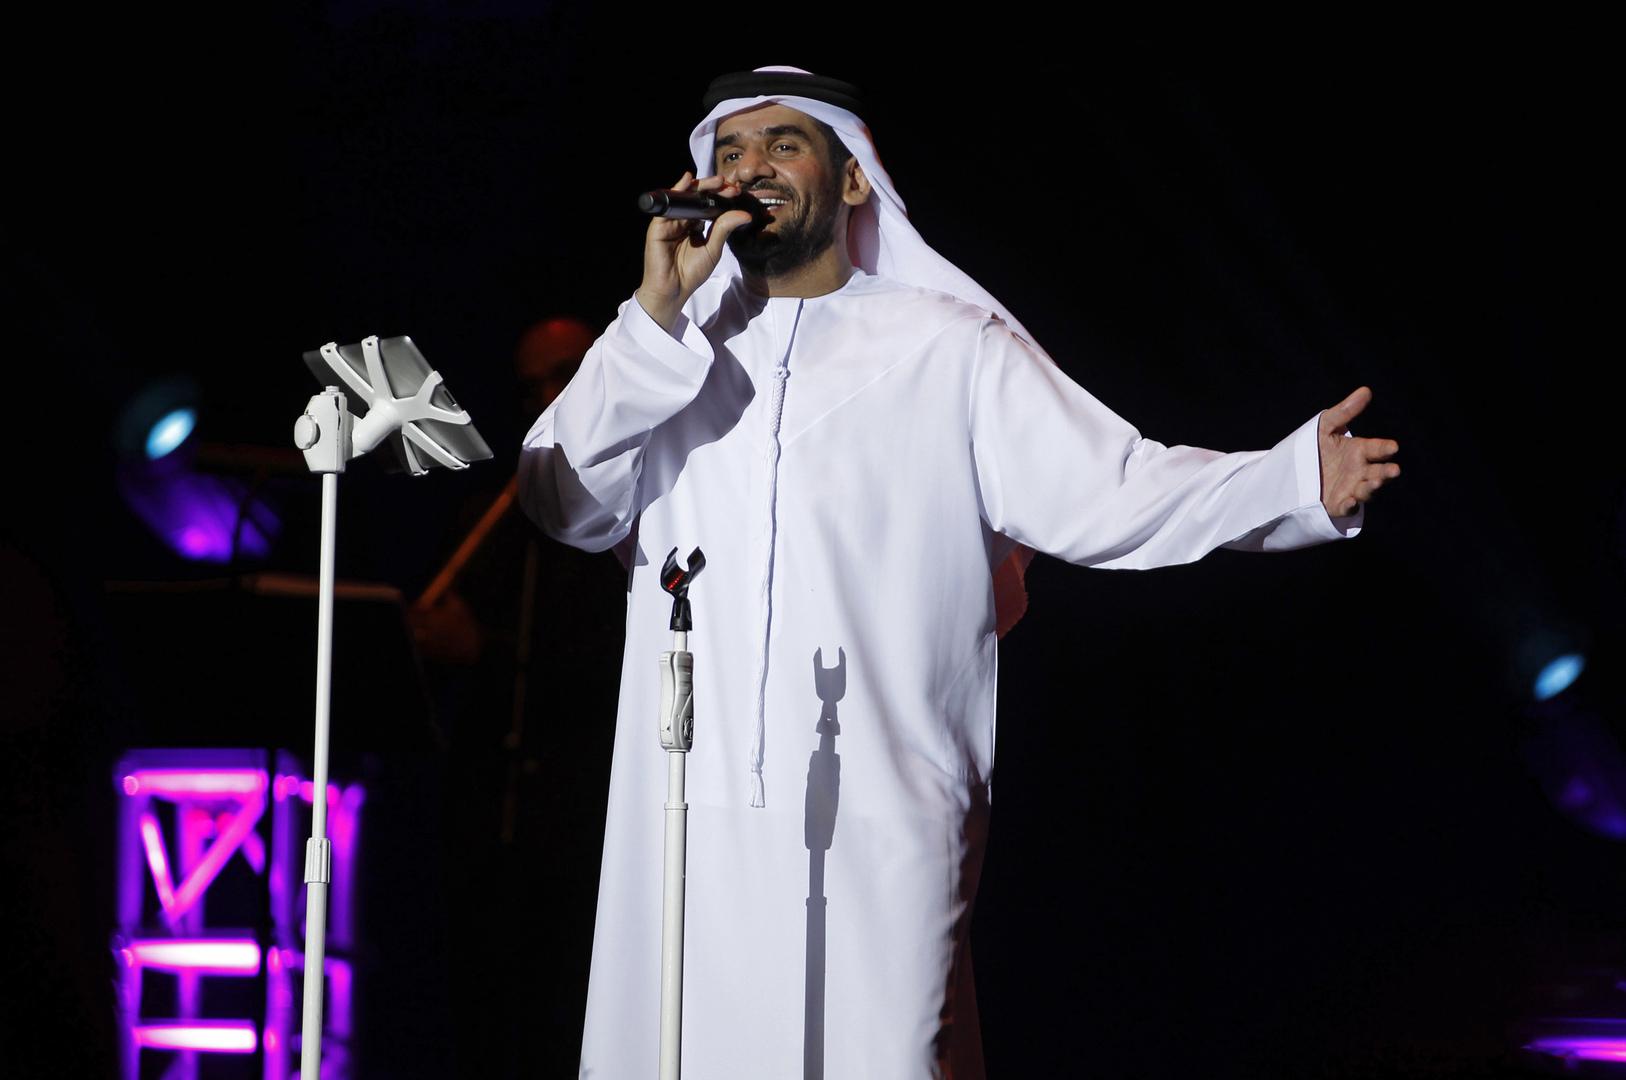 الفنان الإماراتي، حسين الجسمي